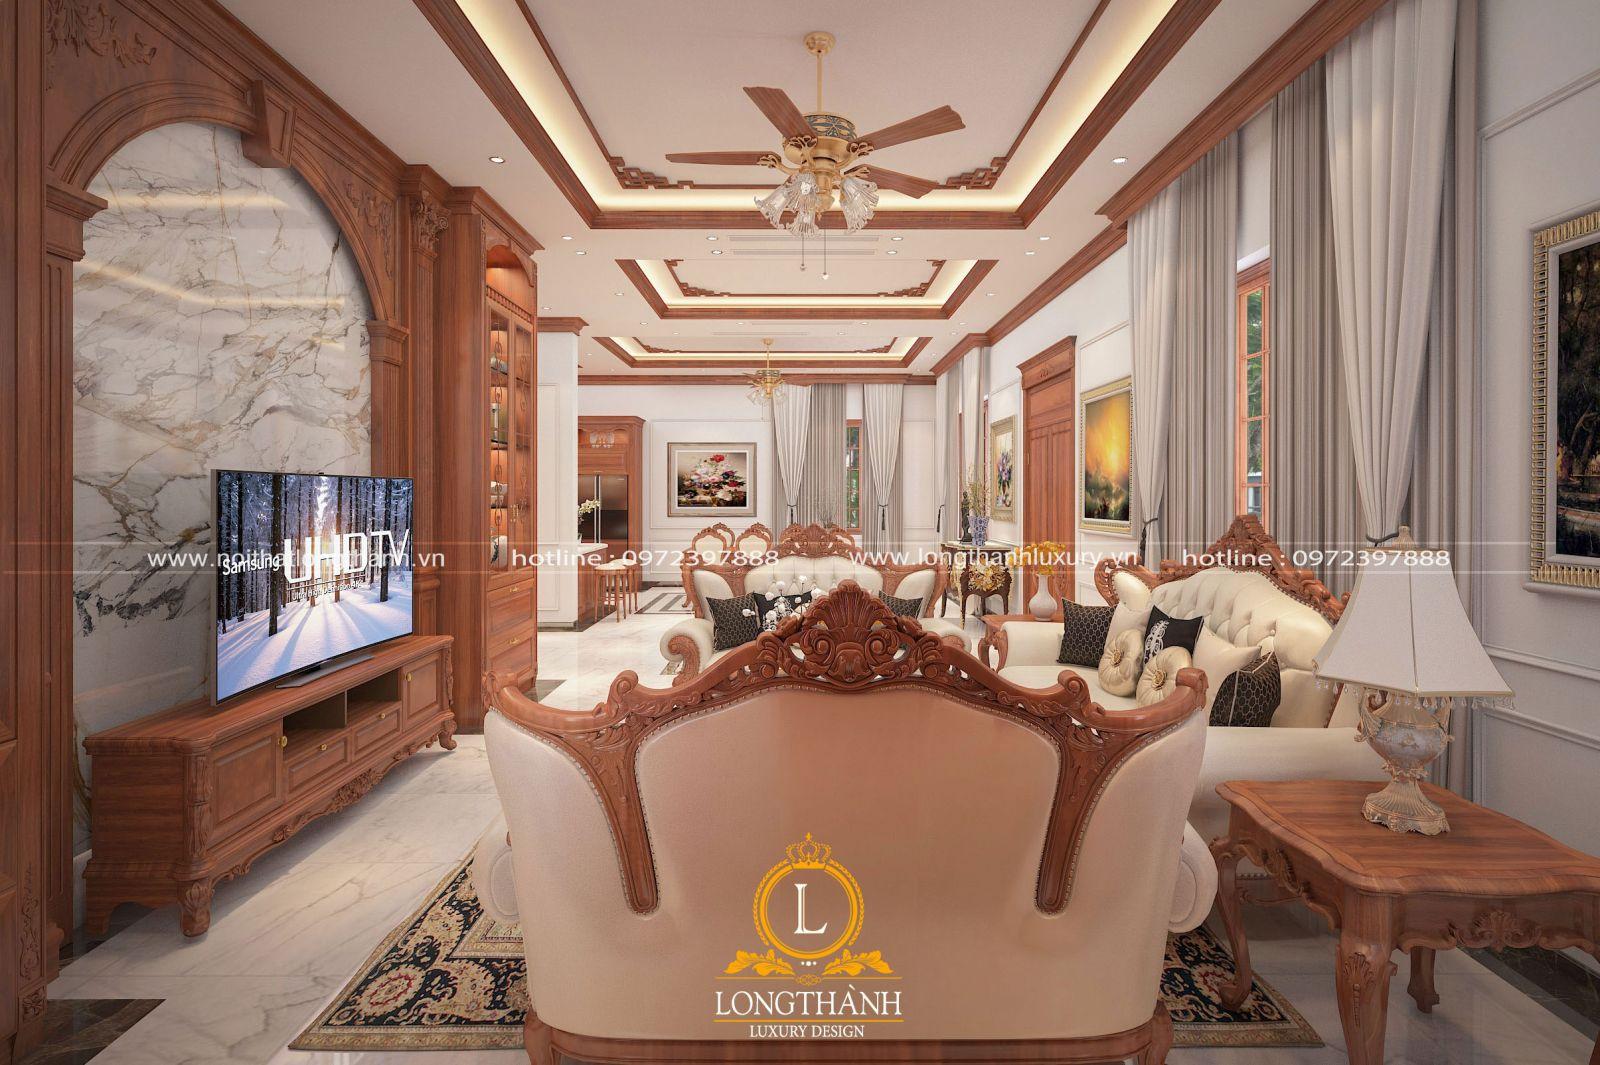 Mẫu thiết kế nội thất phong cách tân cổ điển